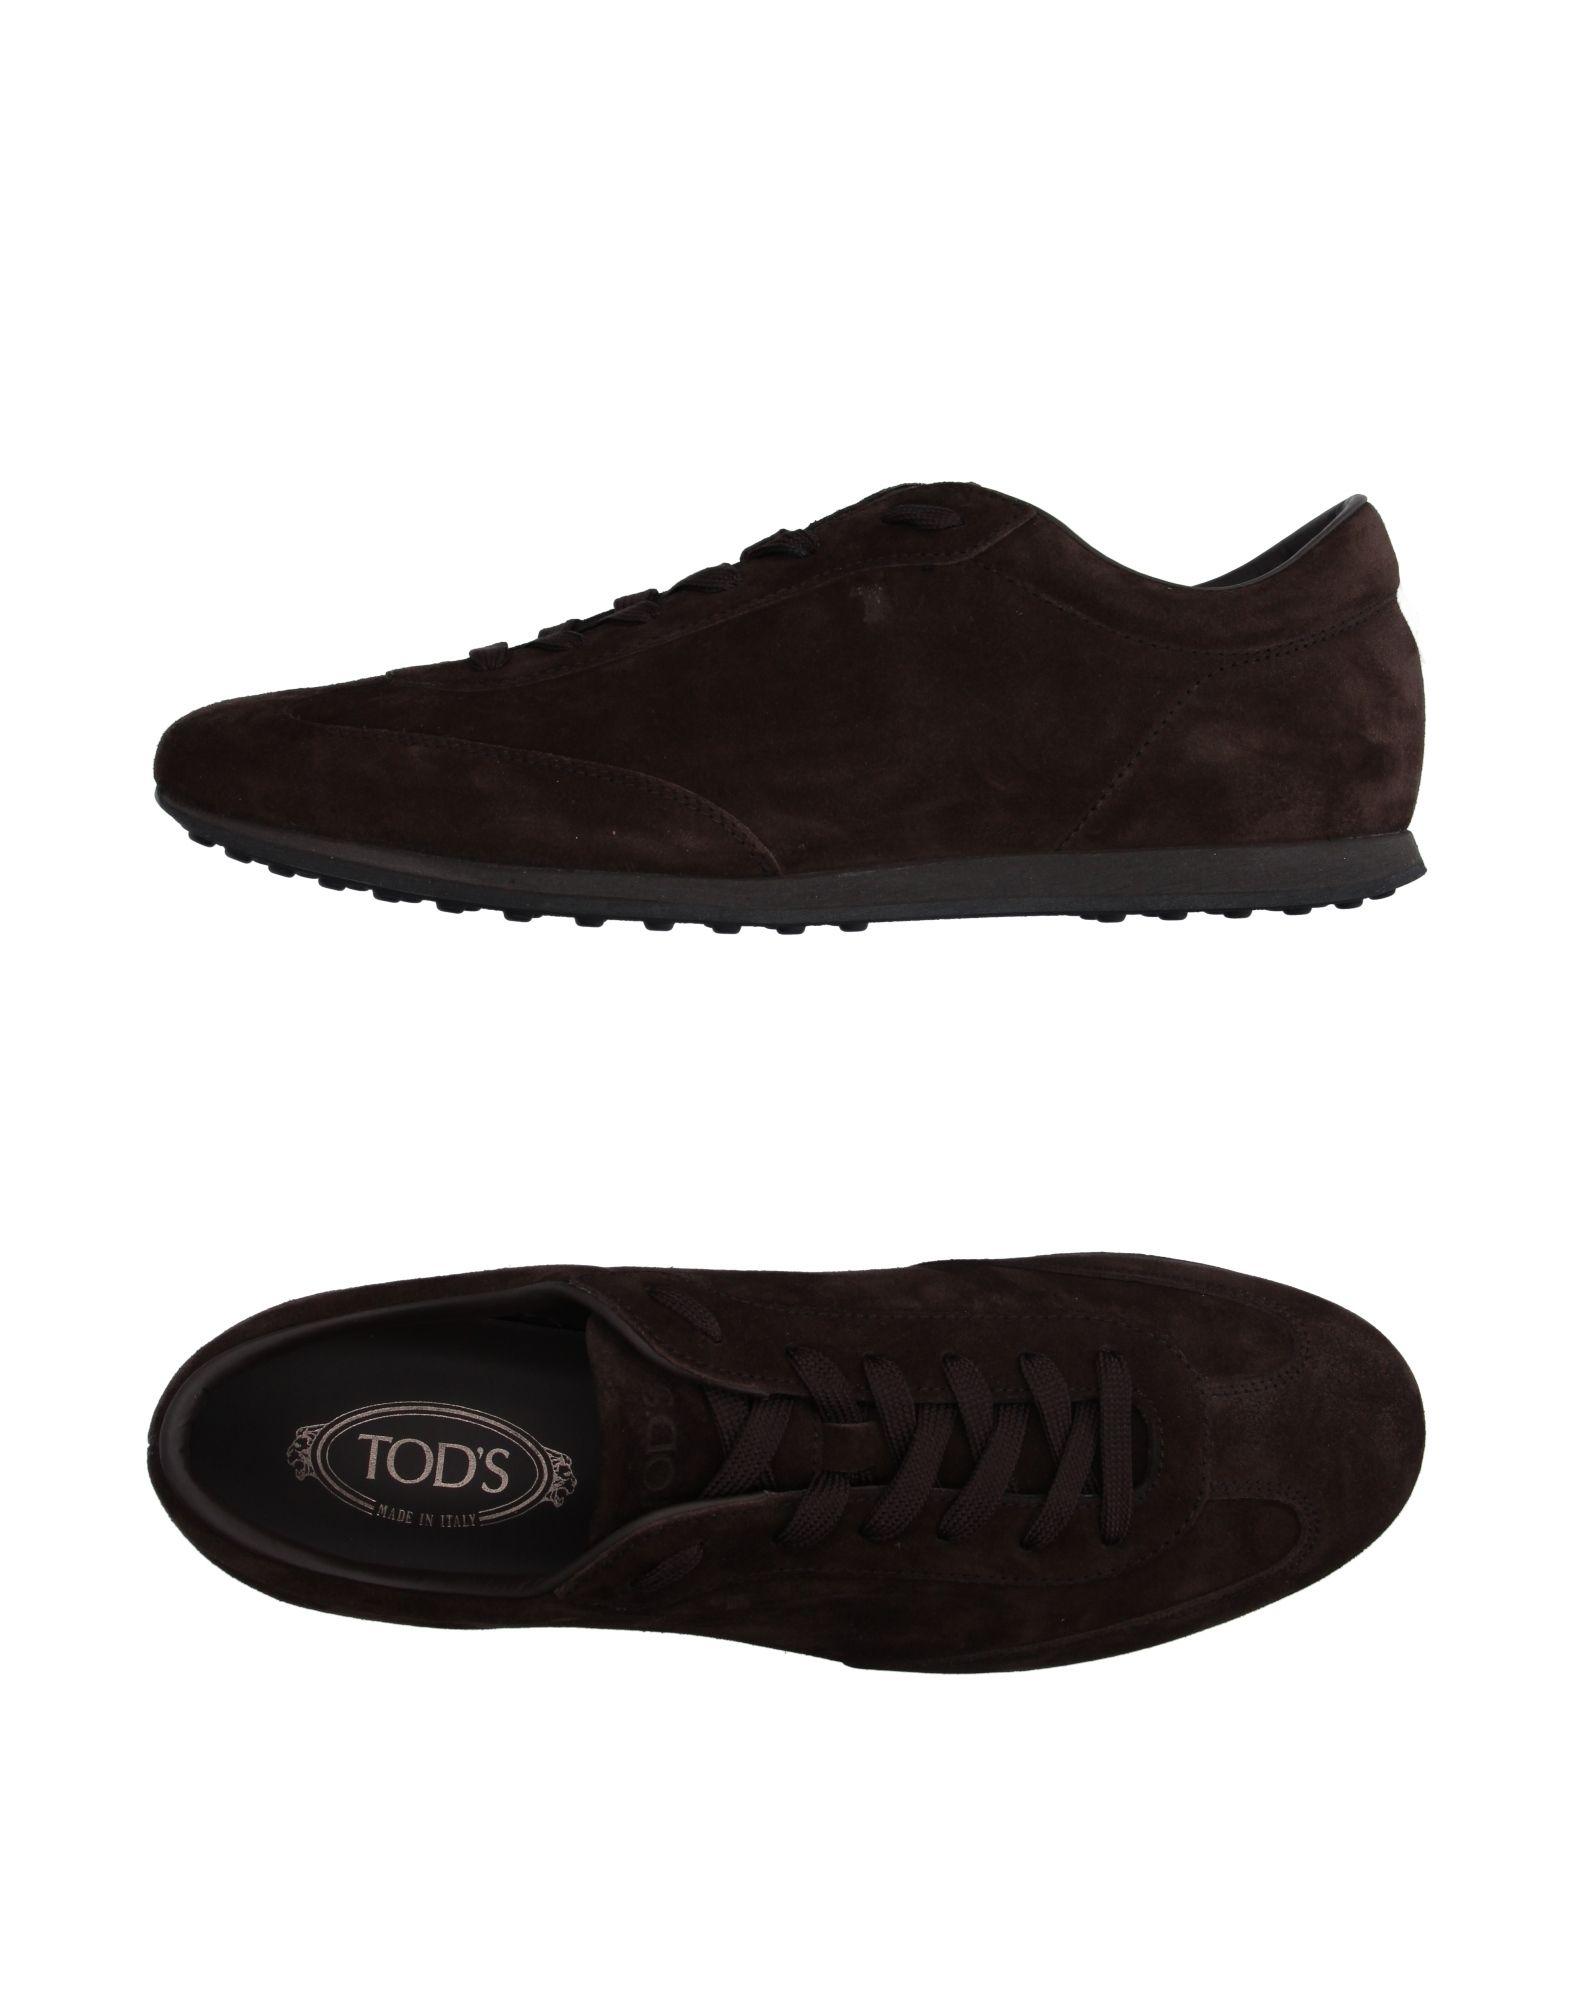 Tod's Sneakers Herren  11096950KJ Schuhe Gute Qualität beliebte Schuhe 11096950KJ b8dda7